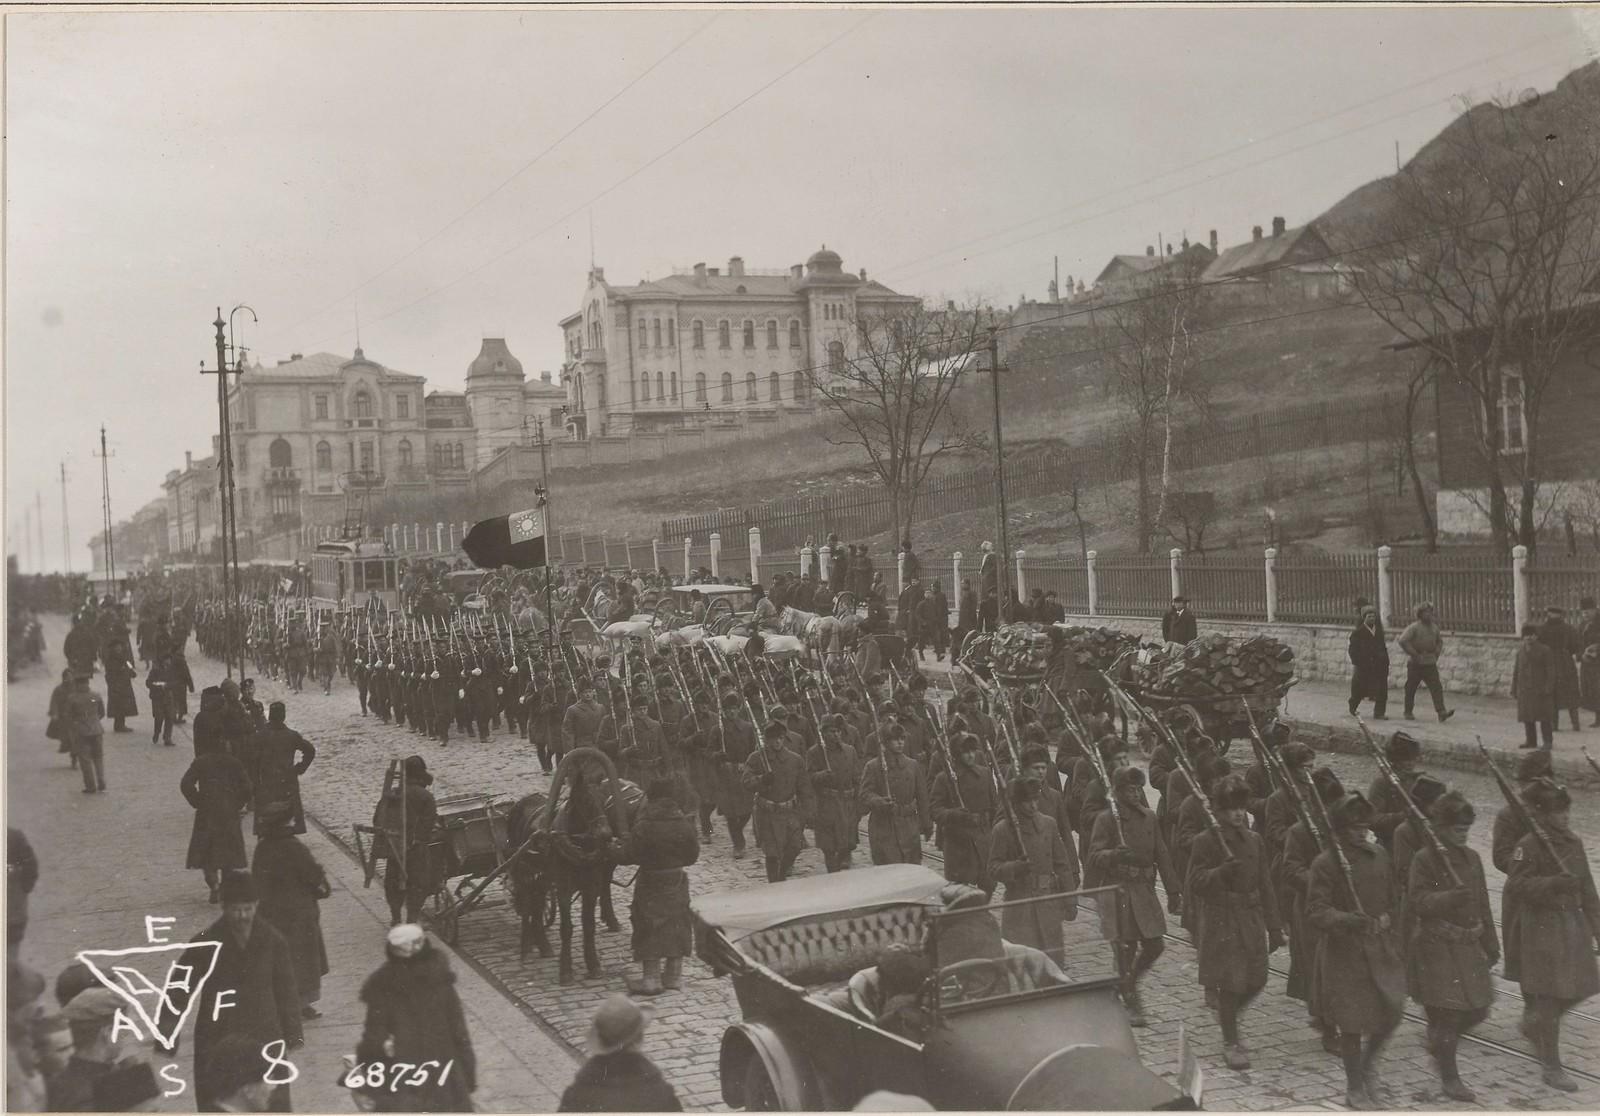 1919. Американские военные возвращаются с церемонии награждения генерал-майора Уильям С. Грейвса японским орденом. 12 июня